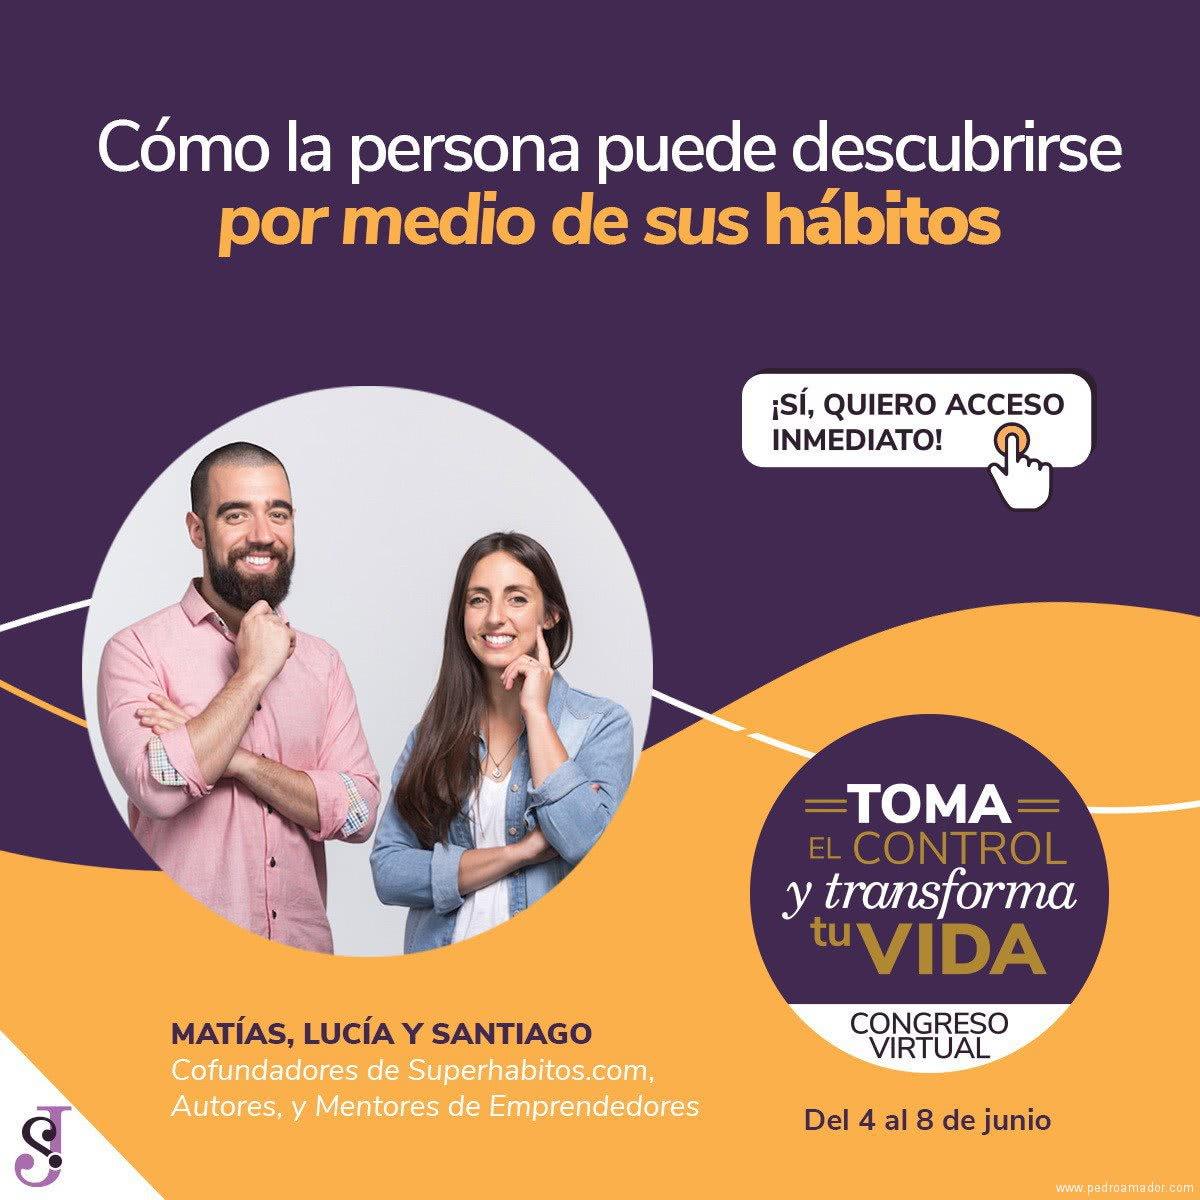 Transforma tu vida - Matías Lucía y Santiago